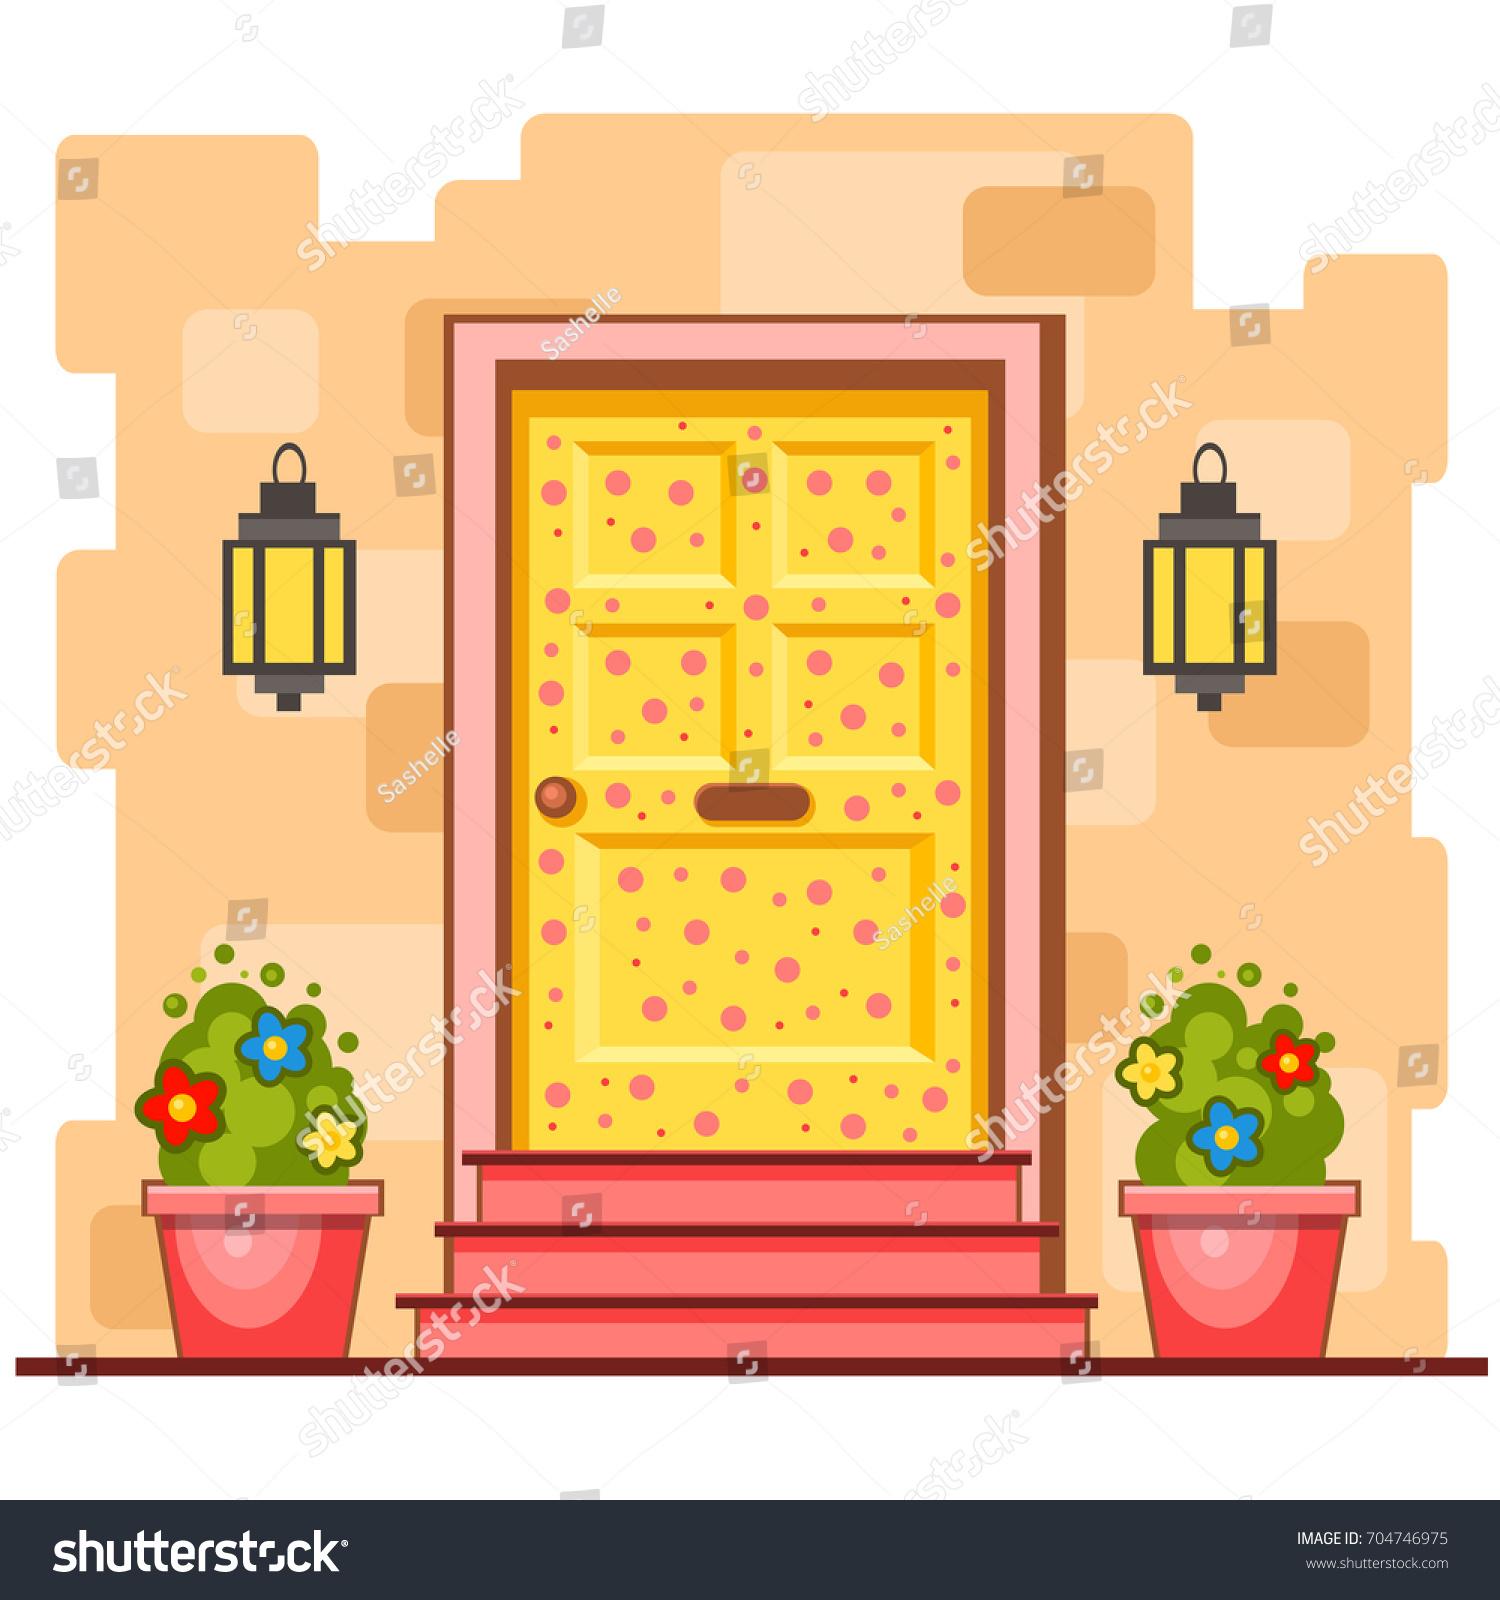 Yellow Front Door Pink Spots On Stock Vector 704746975 - Shutterstock